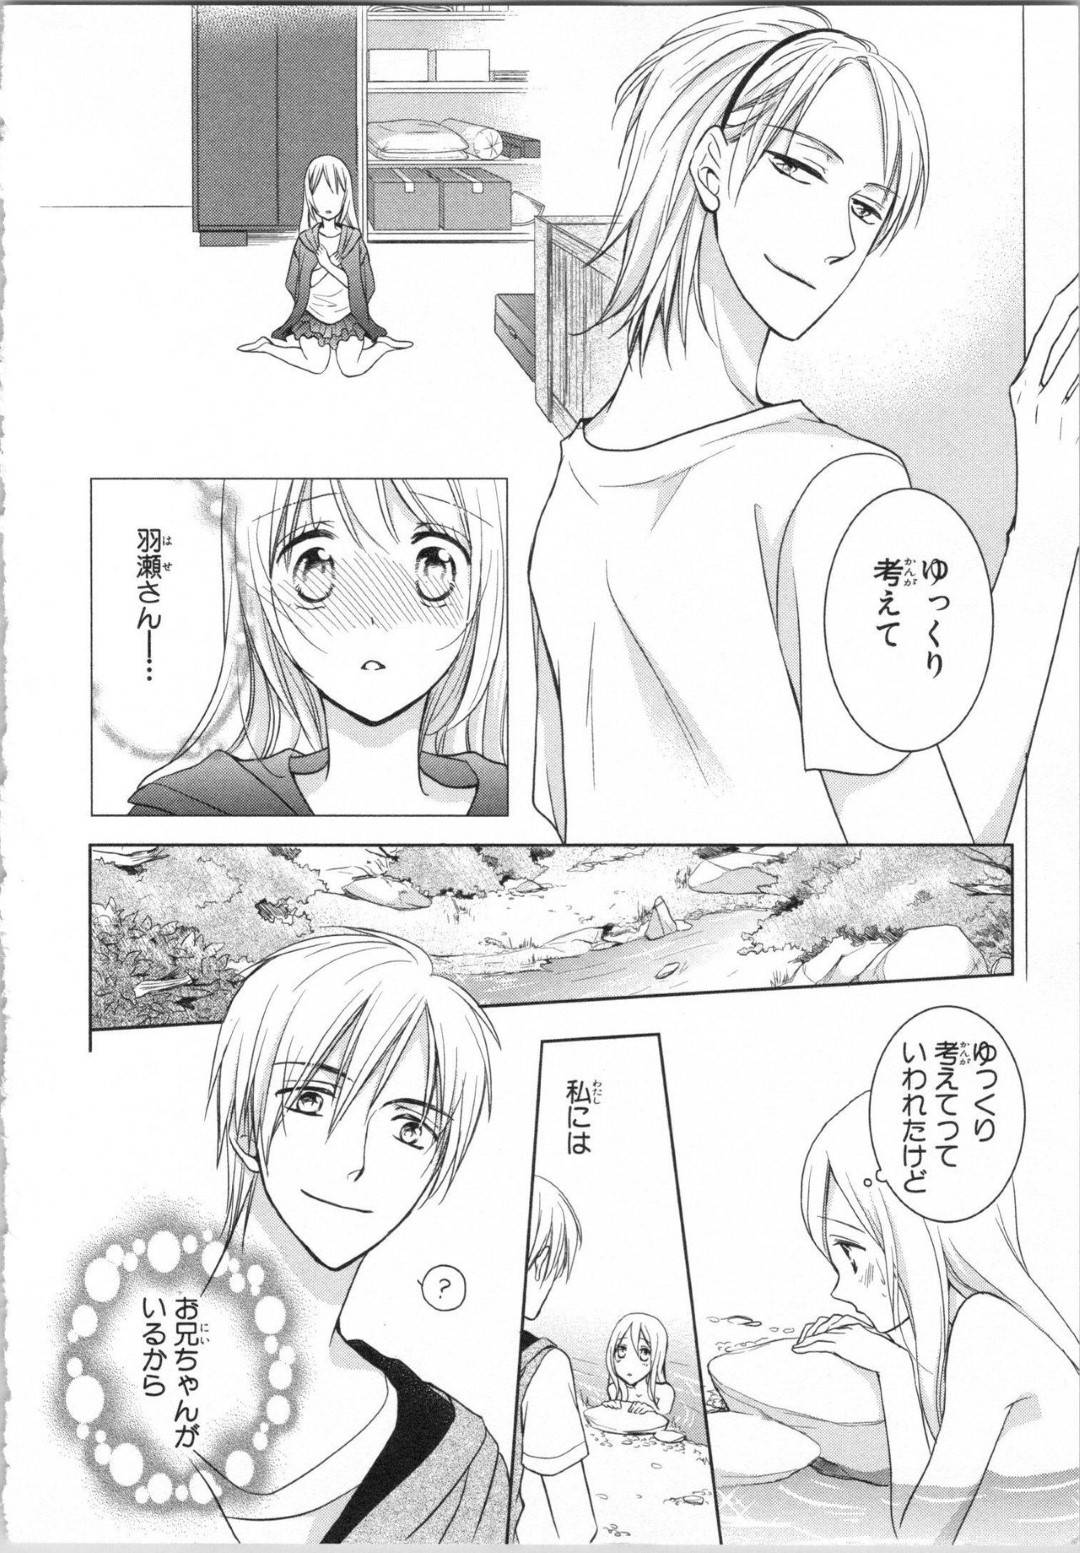 【エロ漫画】取り残された無人島で禁断の兄妹恋愛を見た男からキスで唇を奪われてしまう、妹は兄とそれ以外の男の狭間で悩み続ける